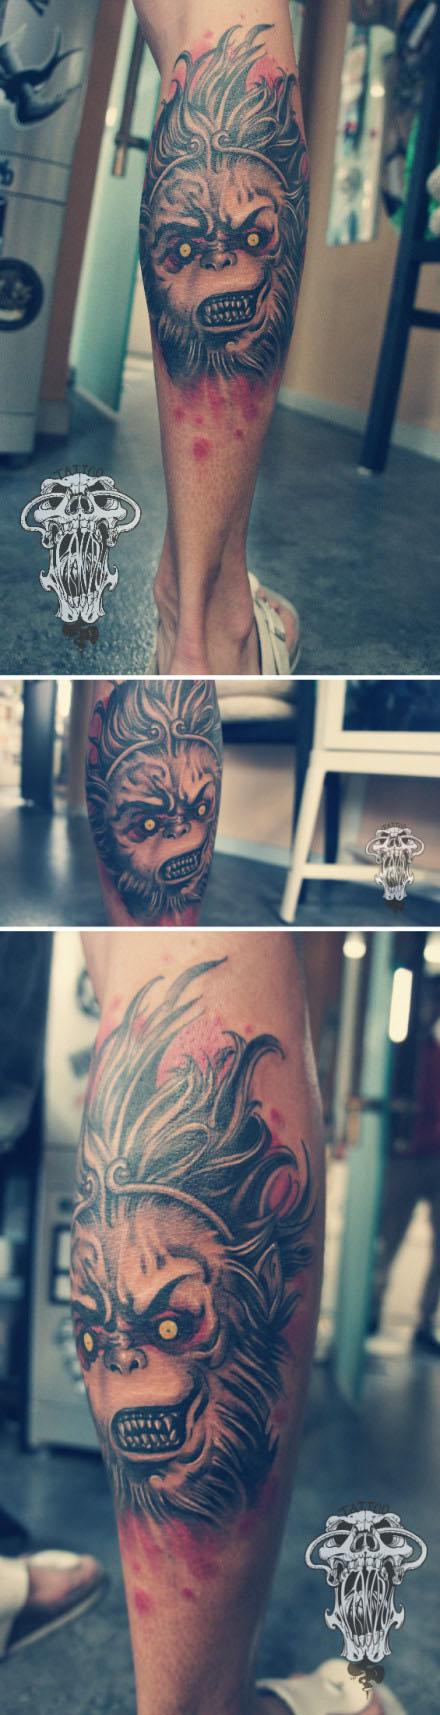 男生腿部很酷霸气的孙悟空纹身图案